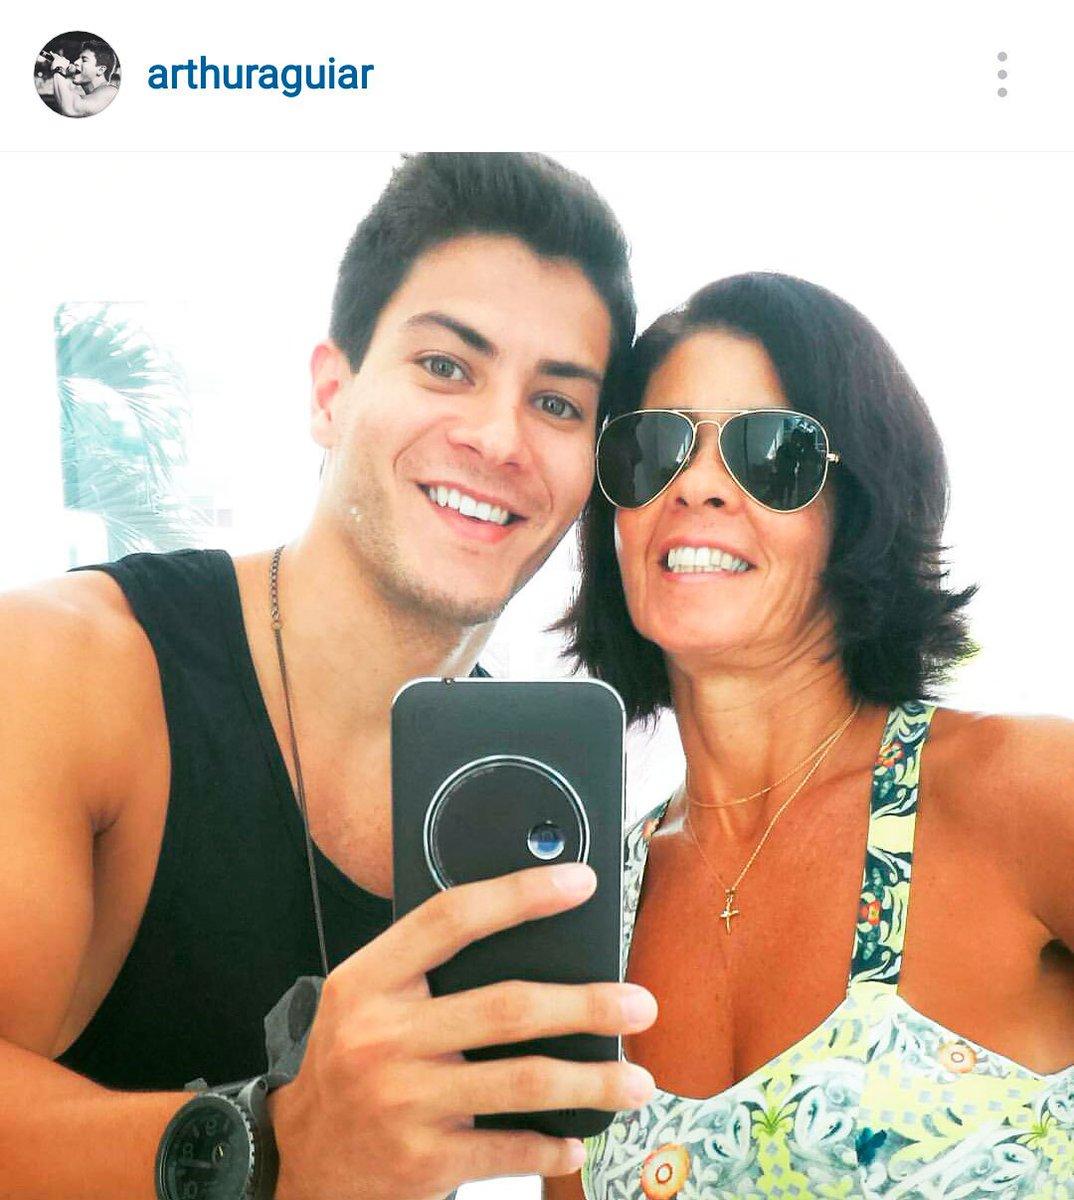 O @Aguiarthur está achando o Zenfone Zoom #RealmenteIncrível... E parece que a mãe dele também! <3 #chegamais8 https://t.co/F0tM9Lbv15